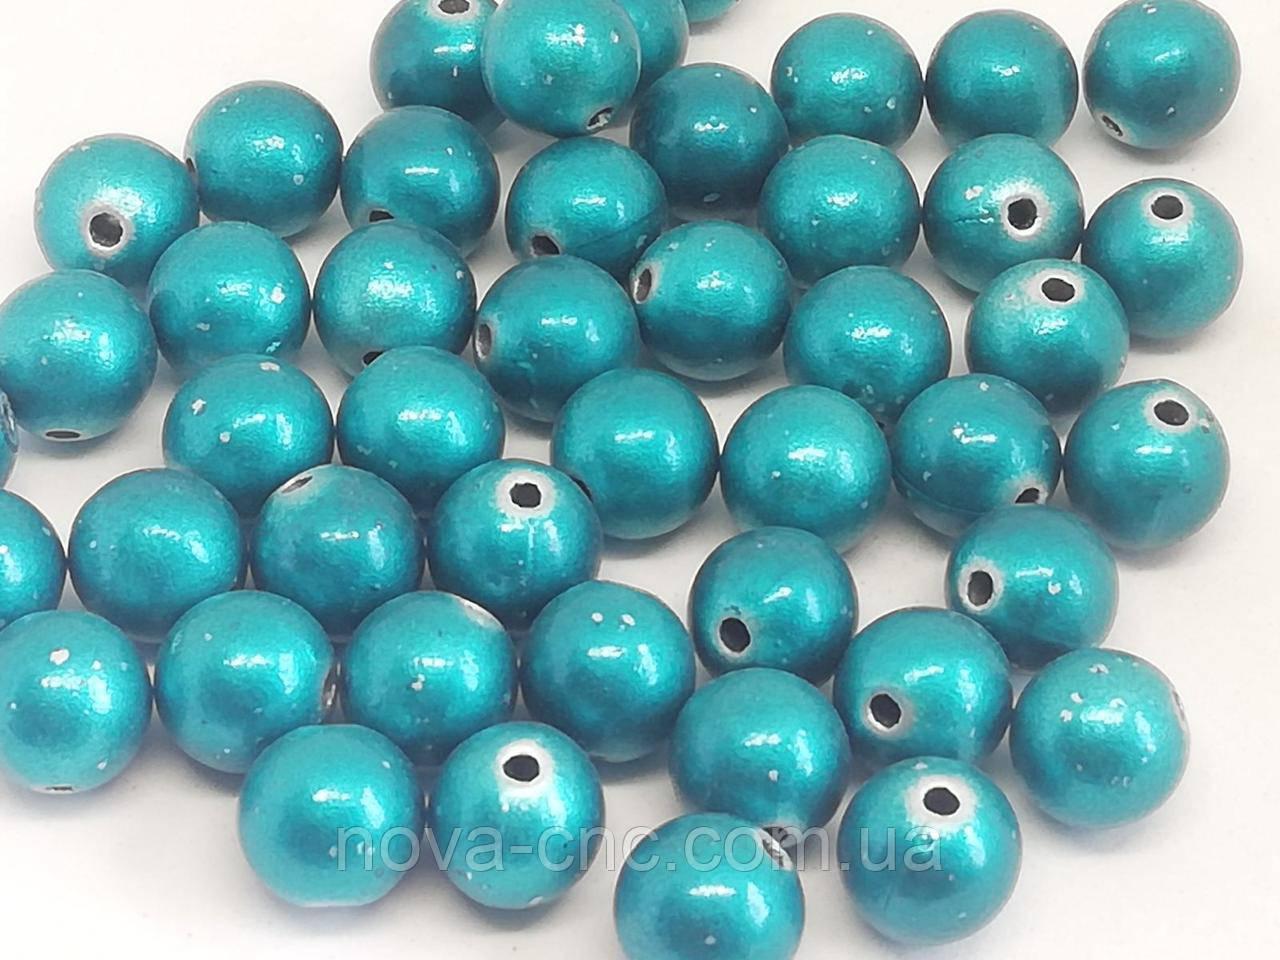 """Бусины пластик """"Шар гладкий""""ярко-голубой 9 мм 500 грамм"""